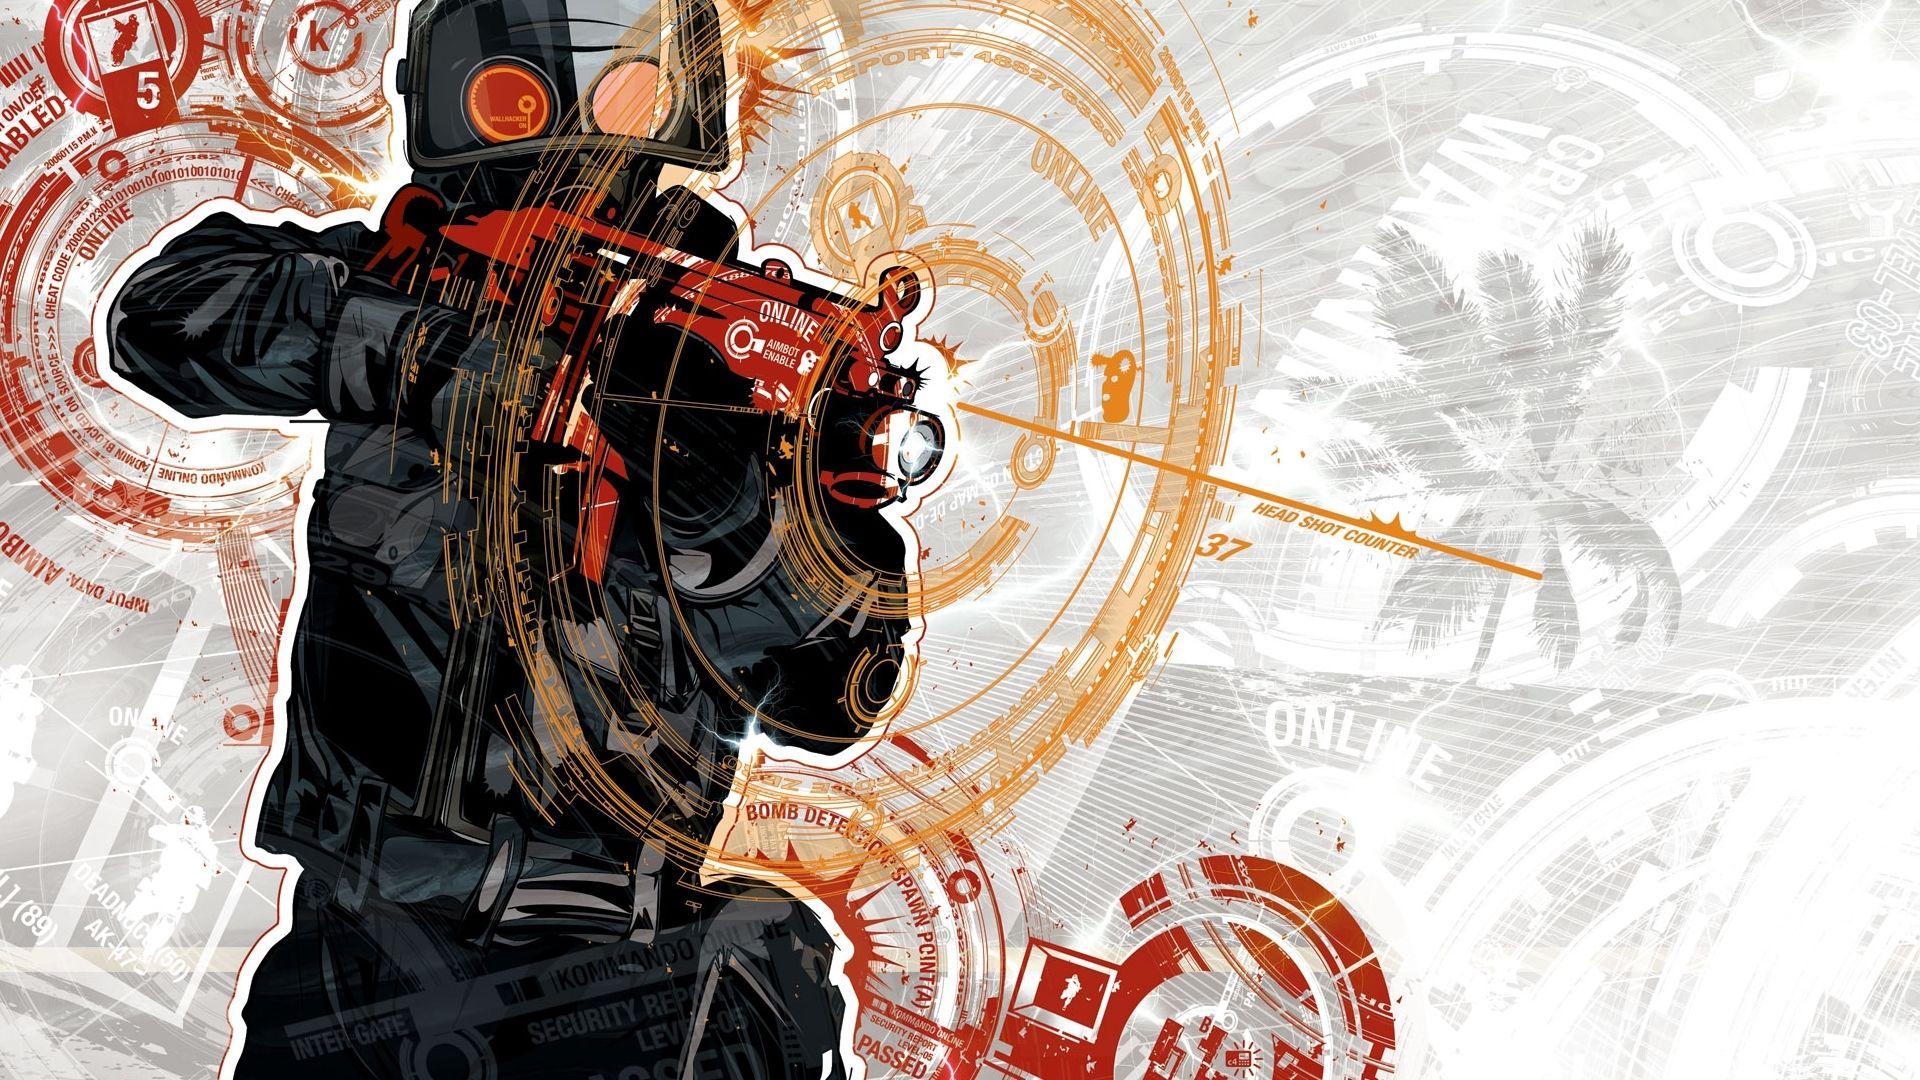 Wallpaper Cop 16 On The Desktop